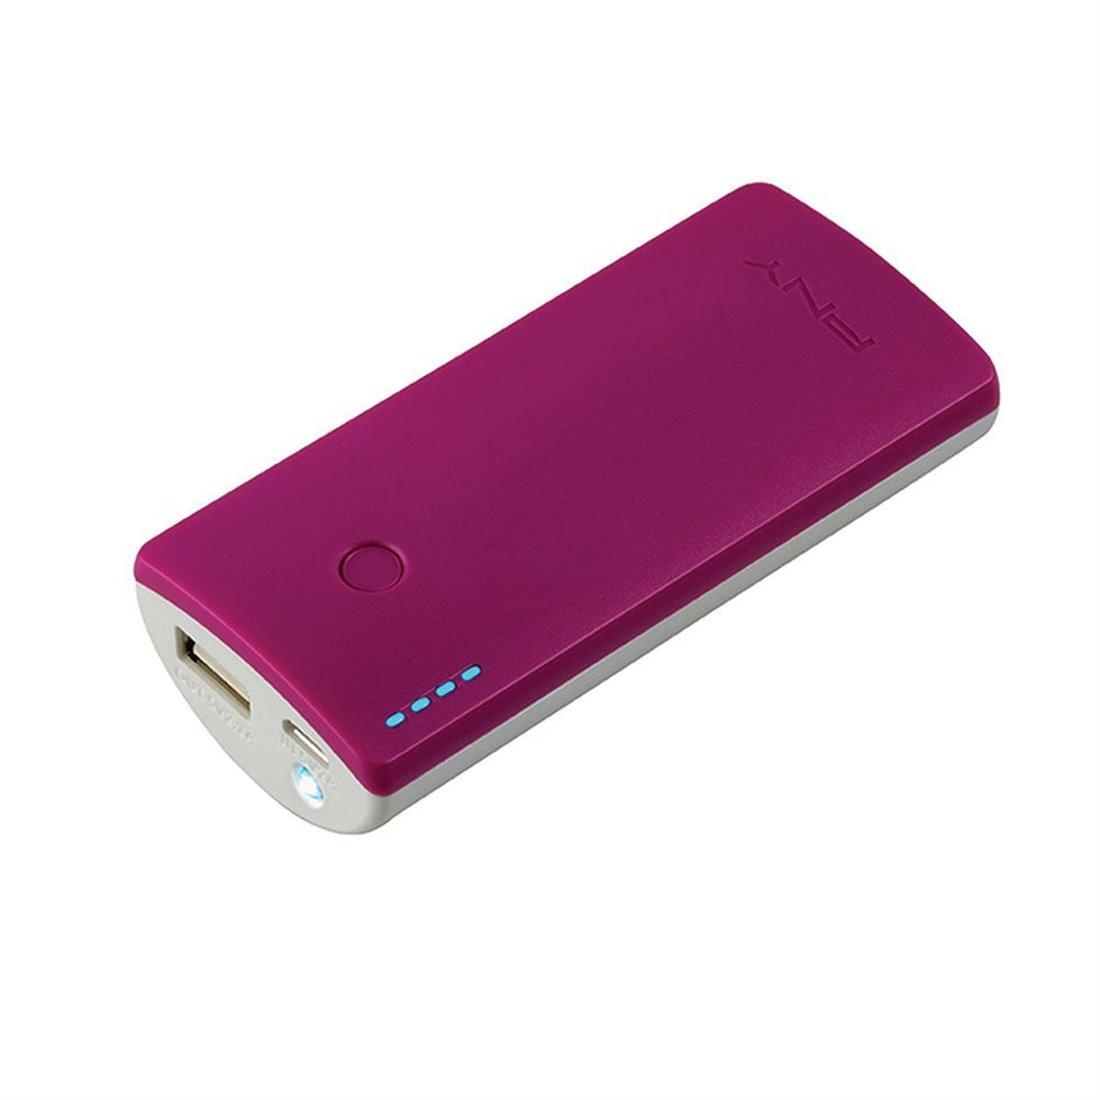 PNY Curve 5200 Batterie externe téléphone portable rechargeable 5200 mAh pour smartphone Violet